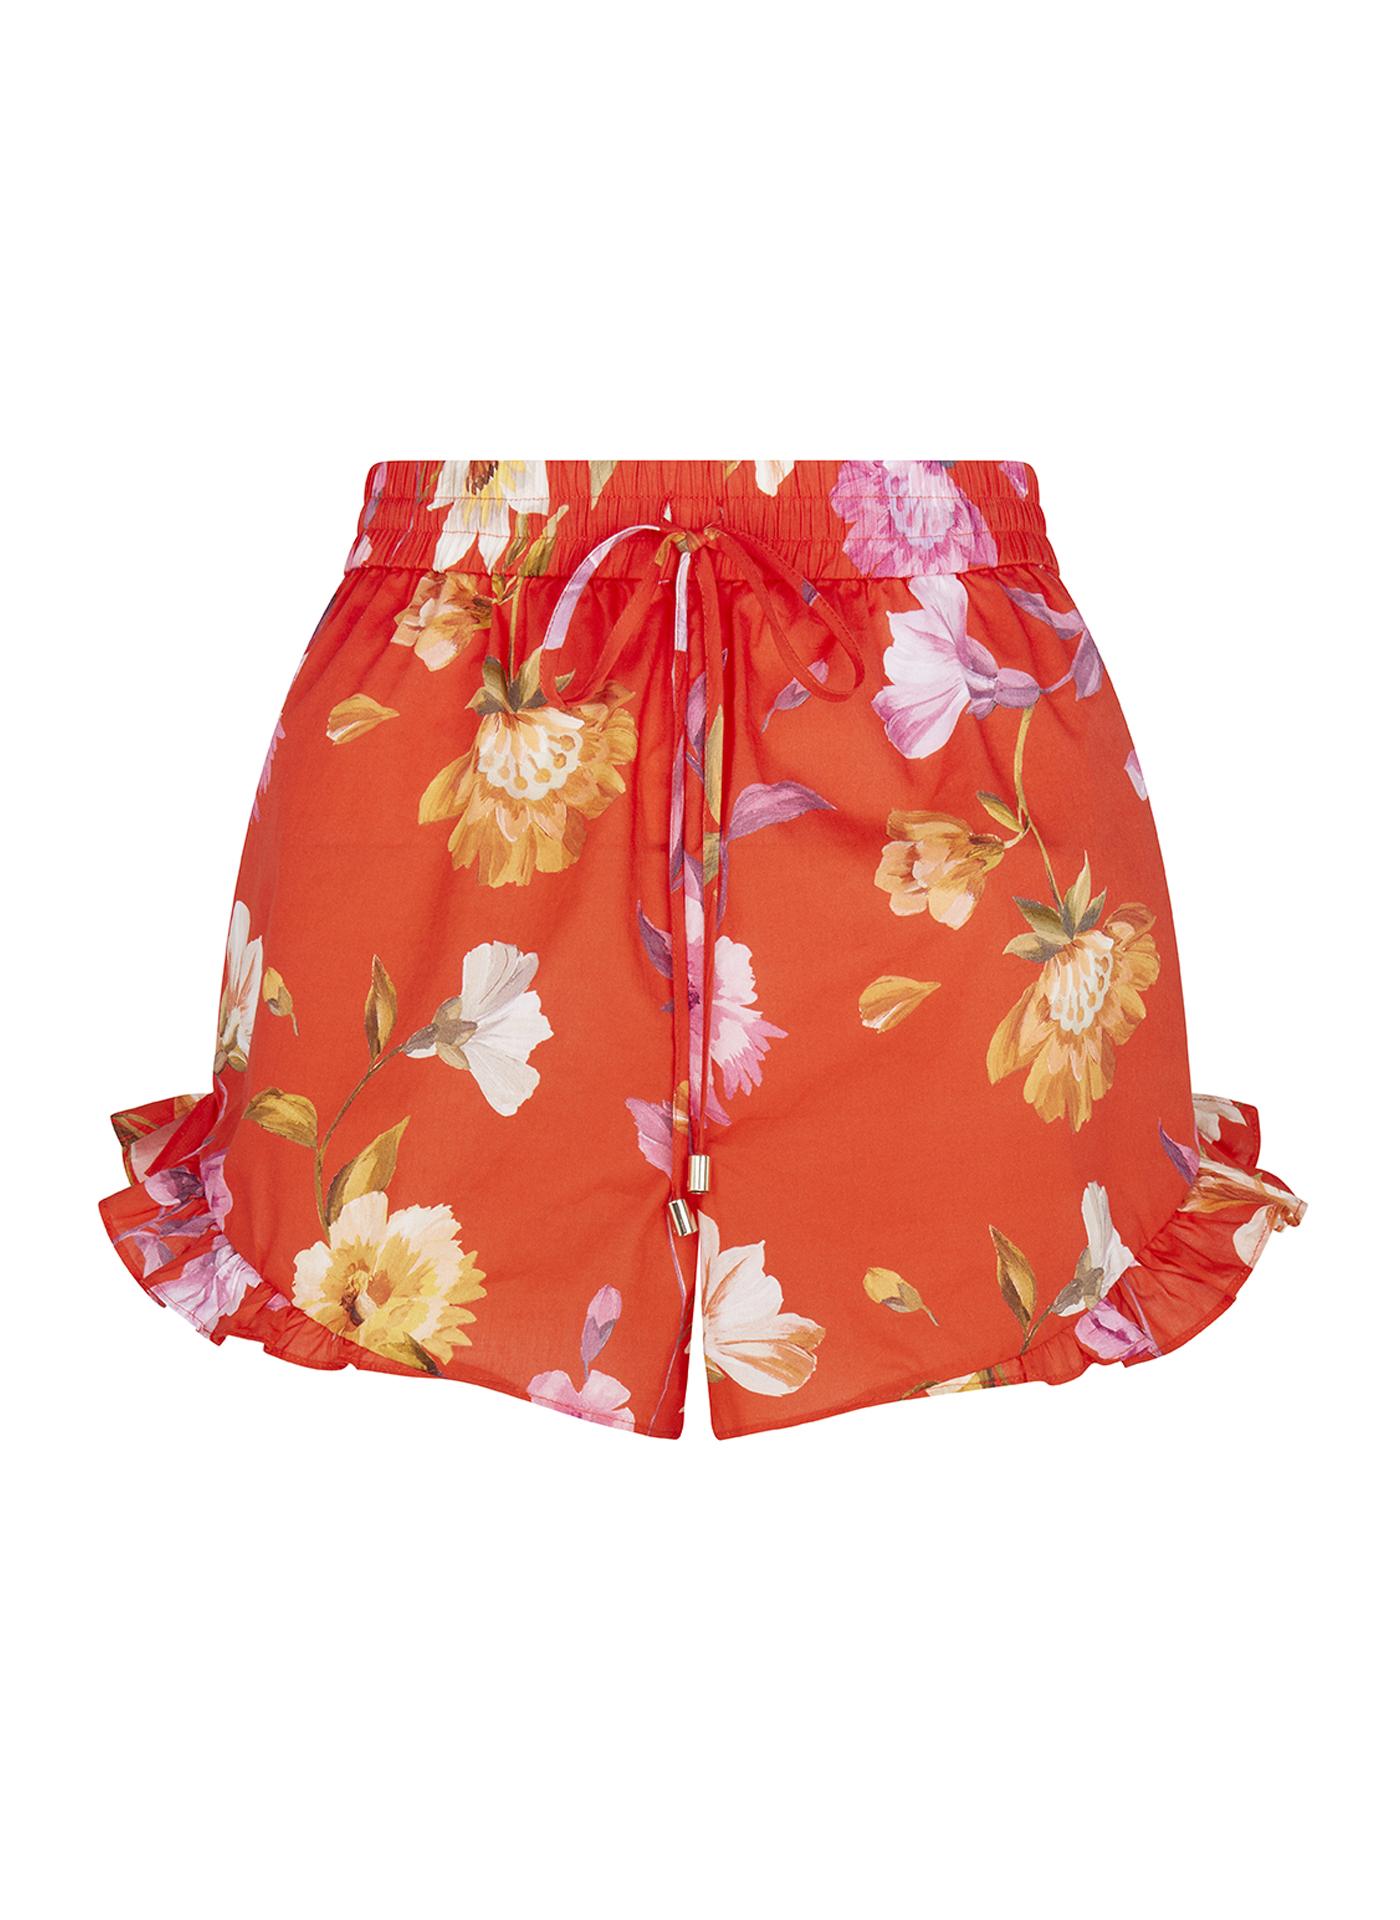 Bright orange floral Ted Baker shorts